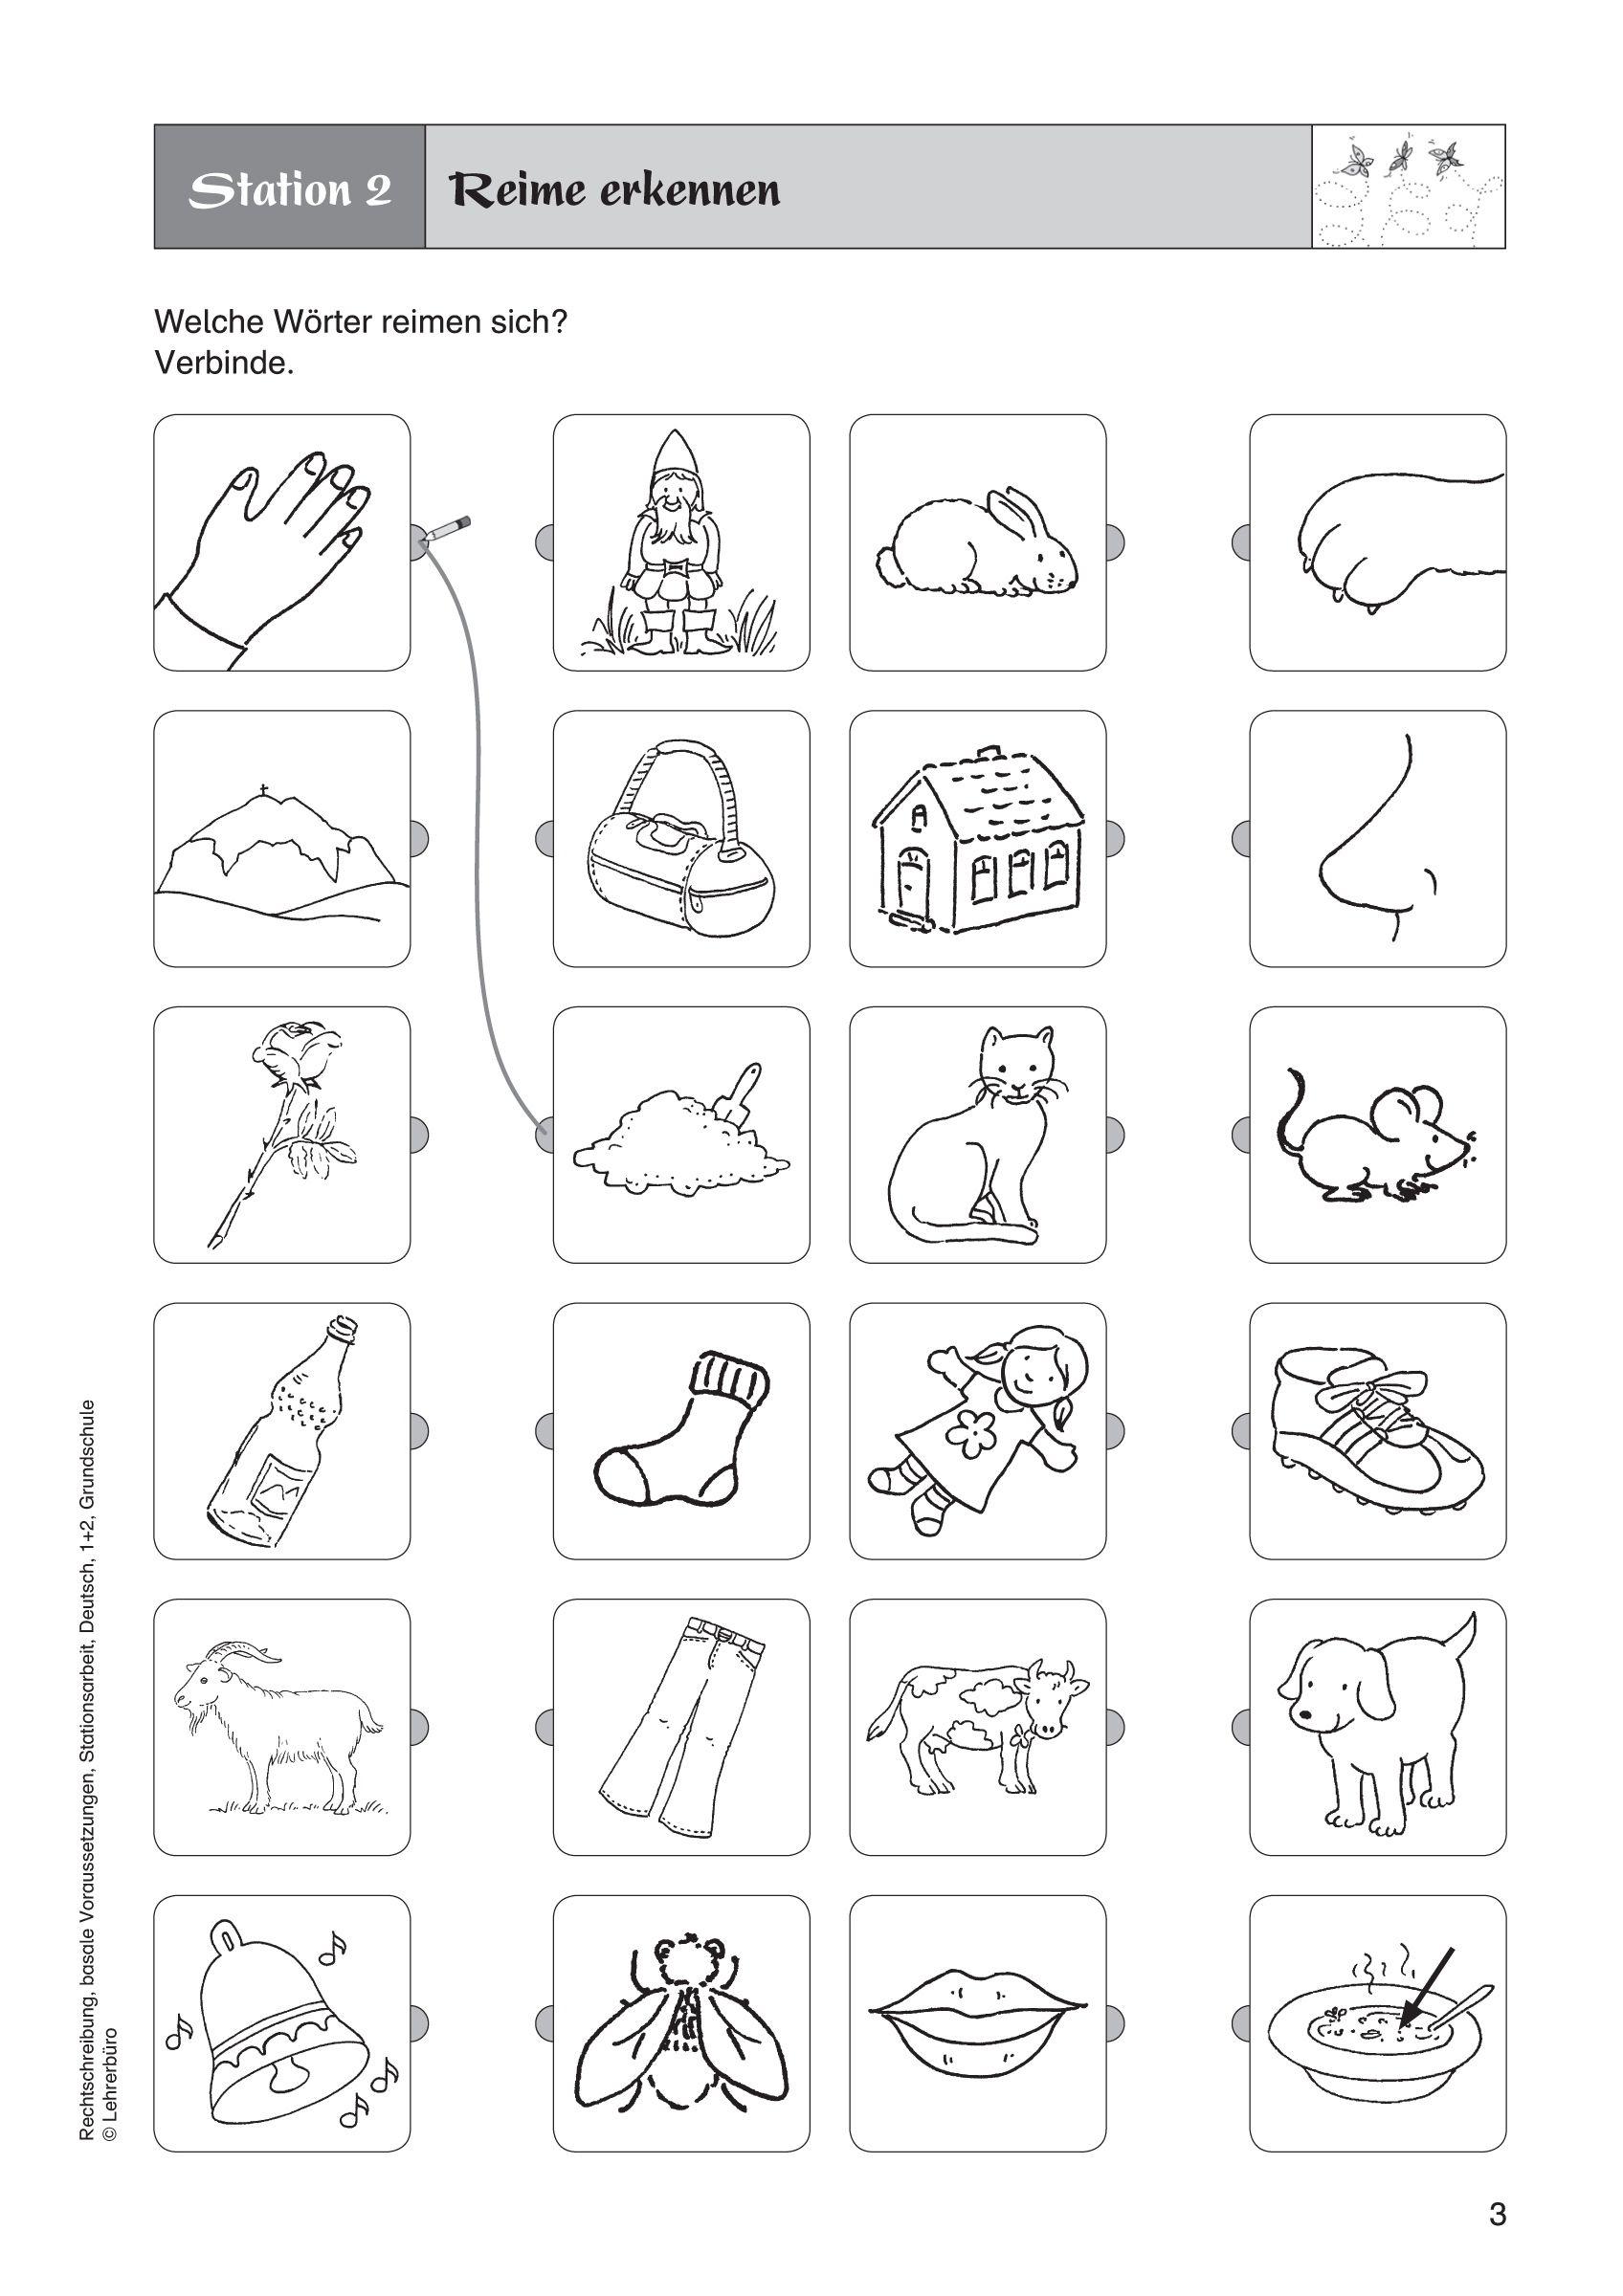 Arbeitsblätter Grundschule 1 Klasse Ausdrucken 1 Klasse bestimmt für Übungsblätter Deutsch 1 Klasse Kostenlos Ausdrucken